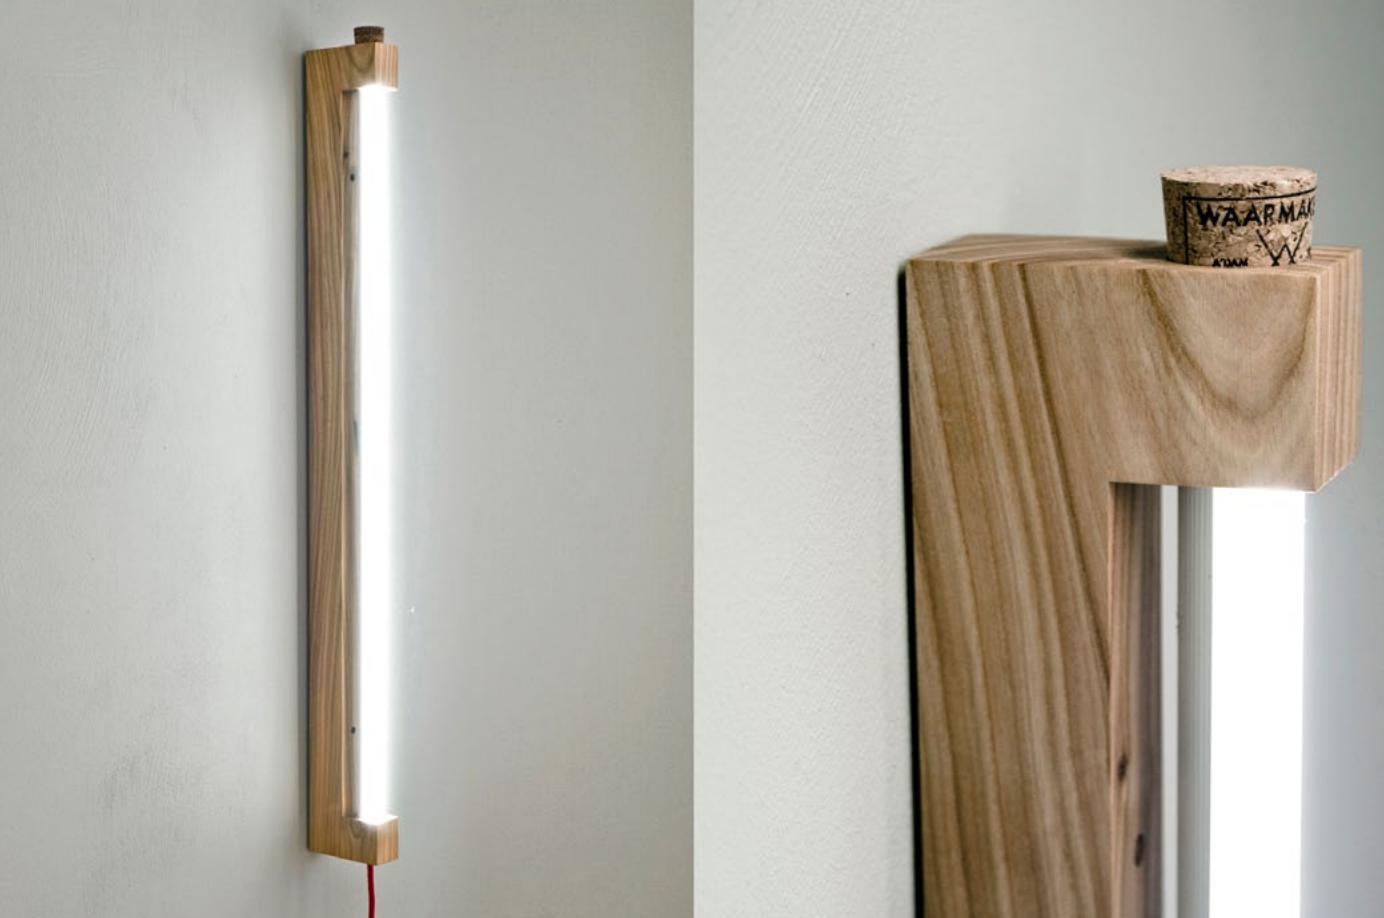 Les Neons Modernes De Waamakers Con Imagenes Tubos Led Lamparas De Pared Lampara Diy